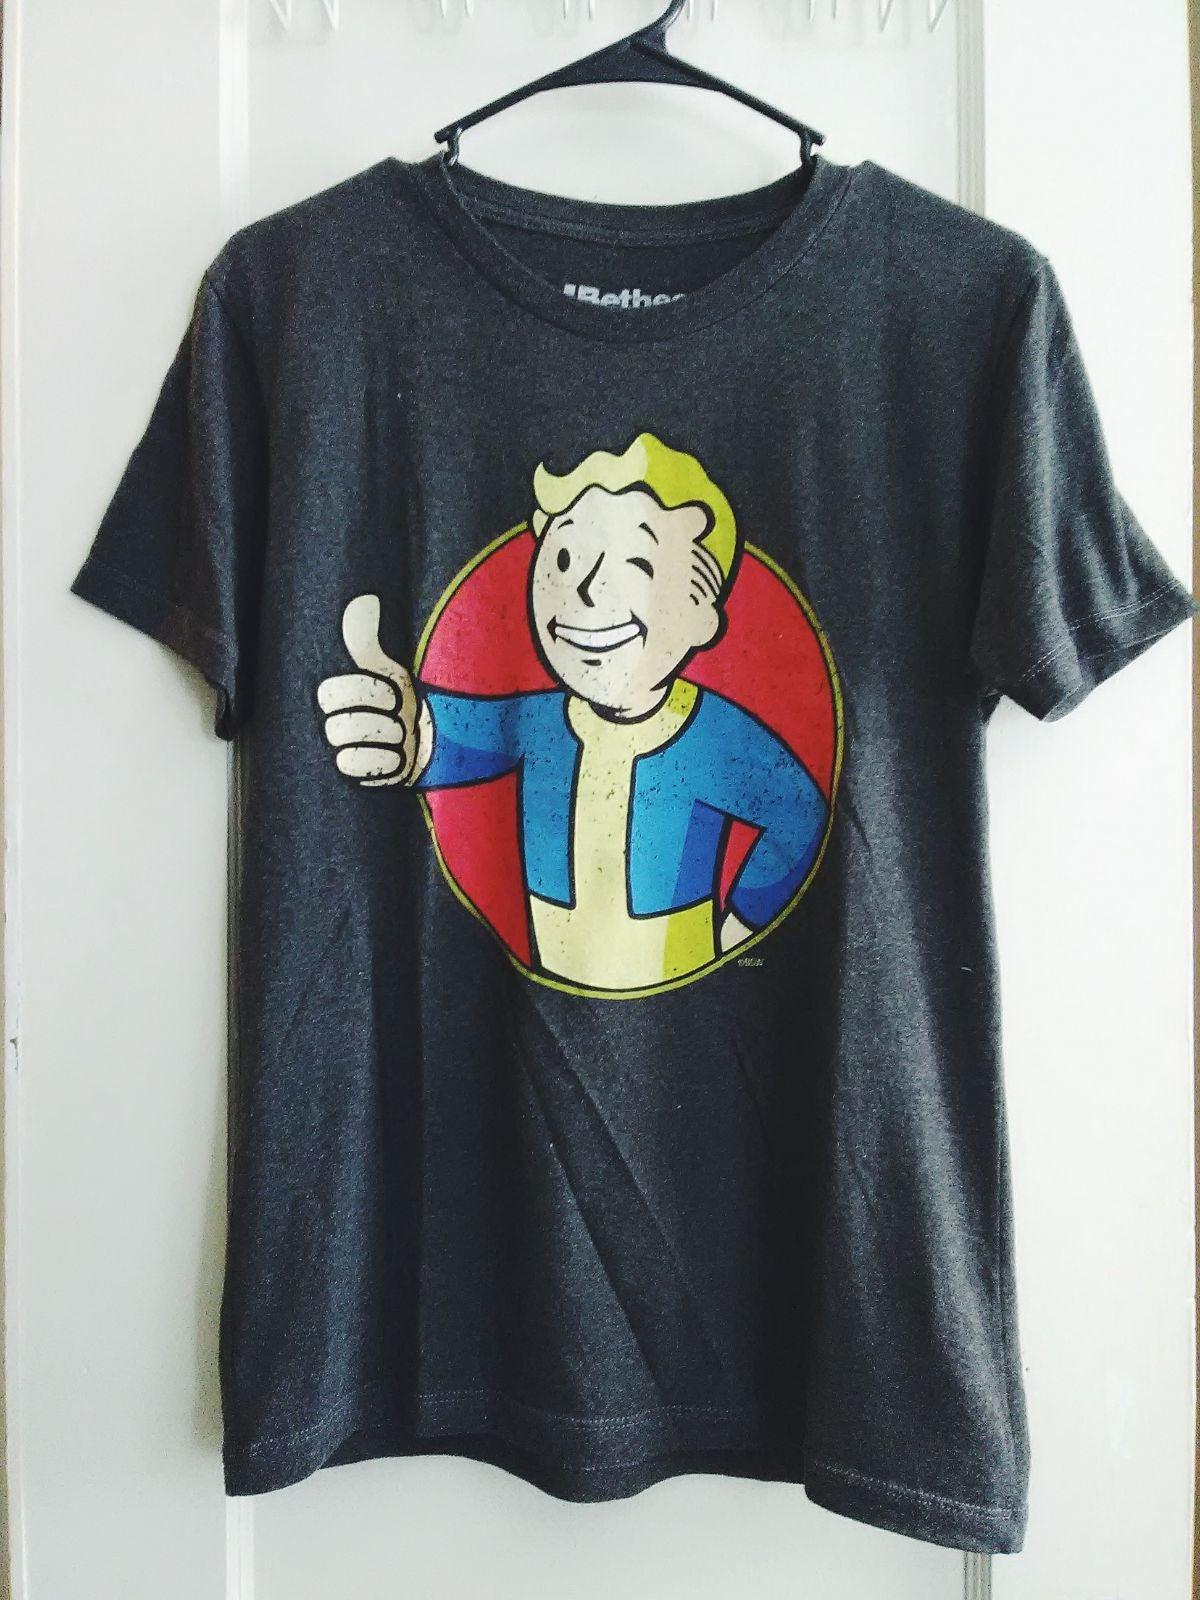 ✨FALLOUT vault boy shirt